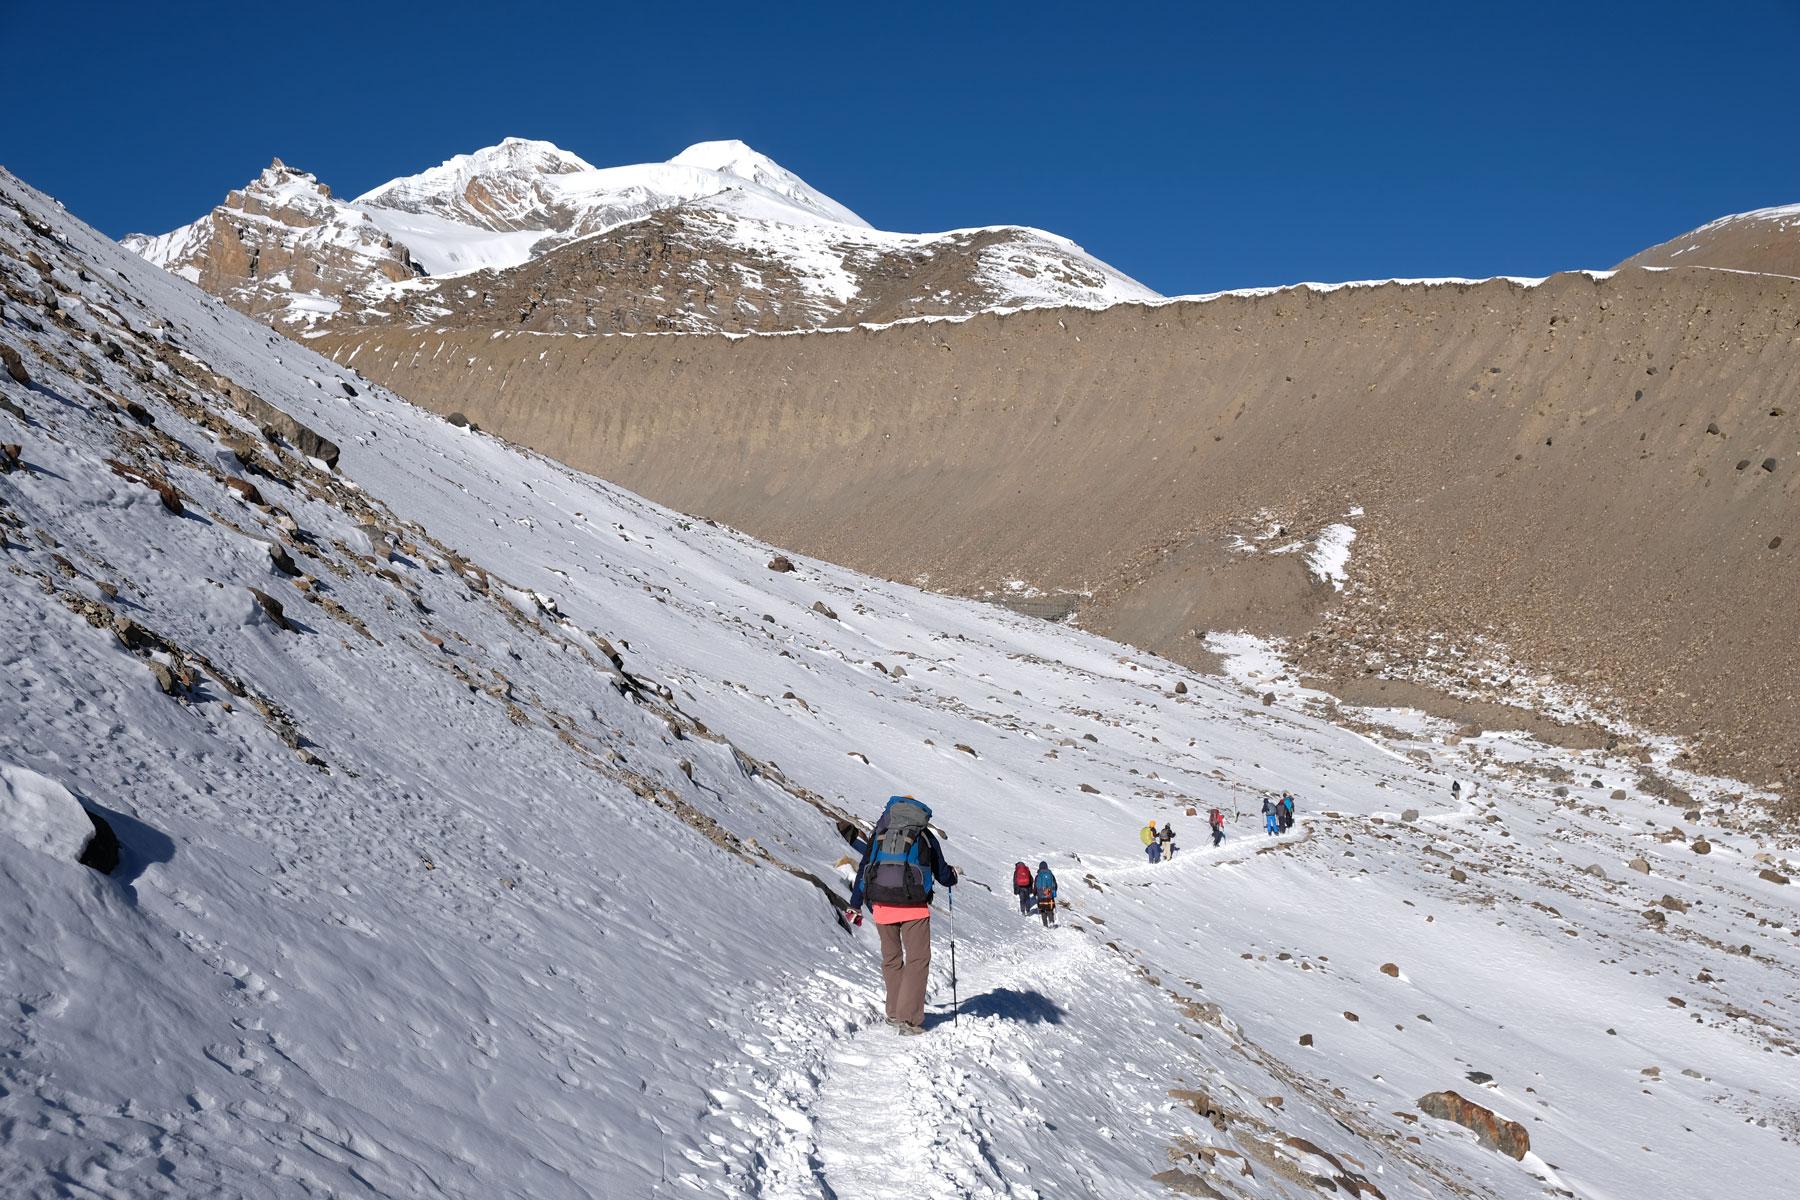 Leo und andere Wanderer auf einem schneebedeckten Pfad auf dem Annapurna Circuit.